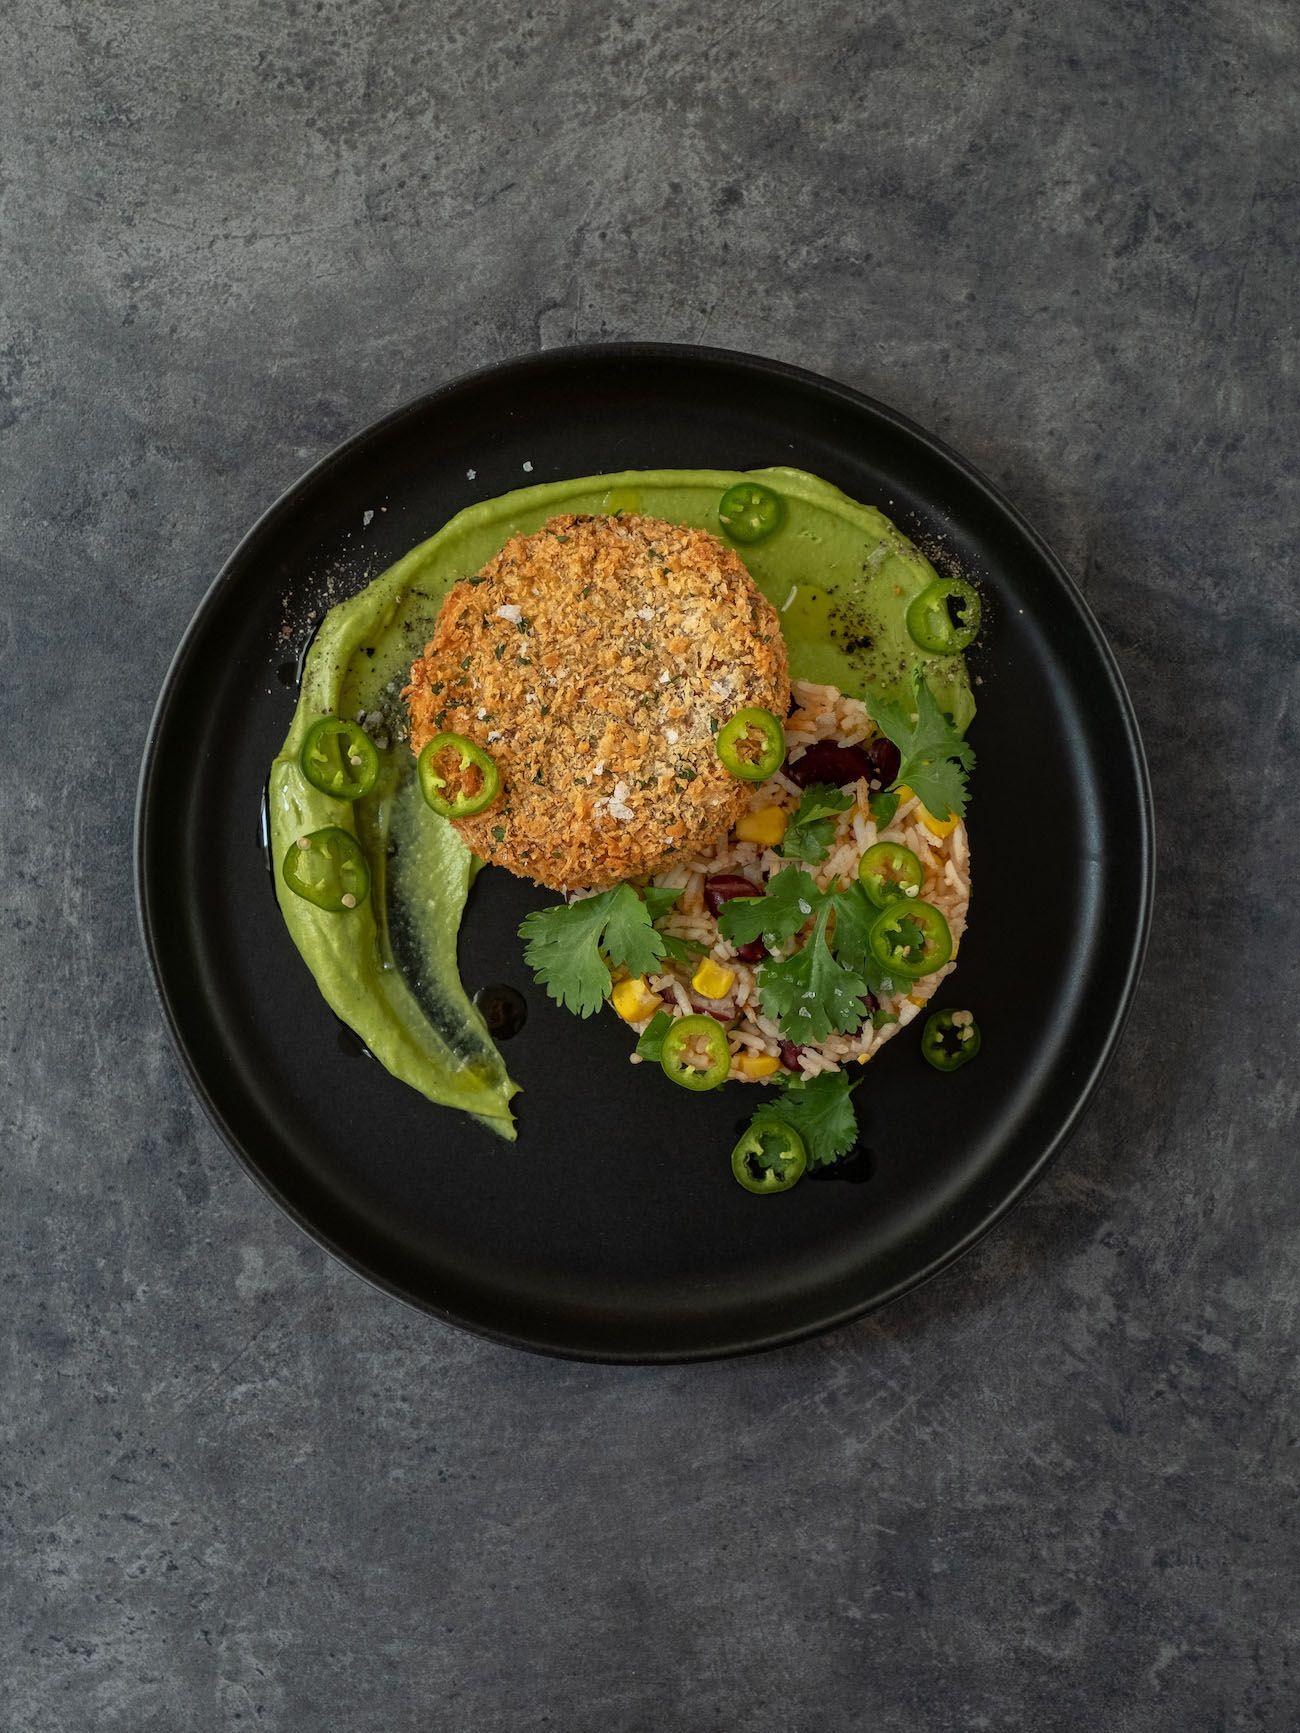 About Fuel, Foodblog, Bold Foods, Rezept, The Big T Schnitzel mit Reis und Avocadocreme, Mais, Bohnen